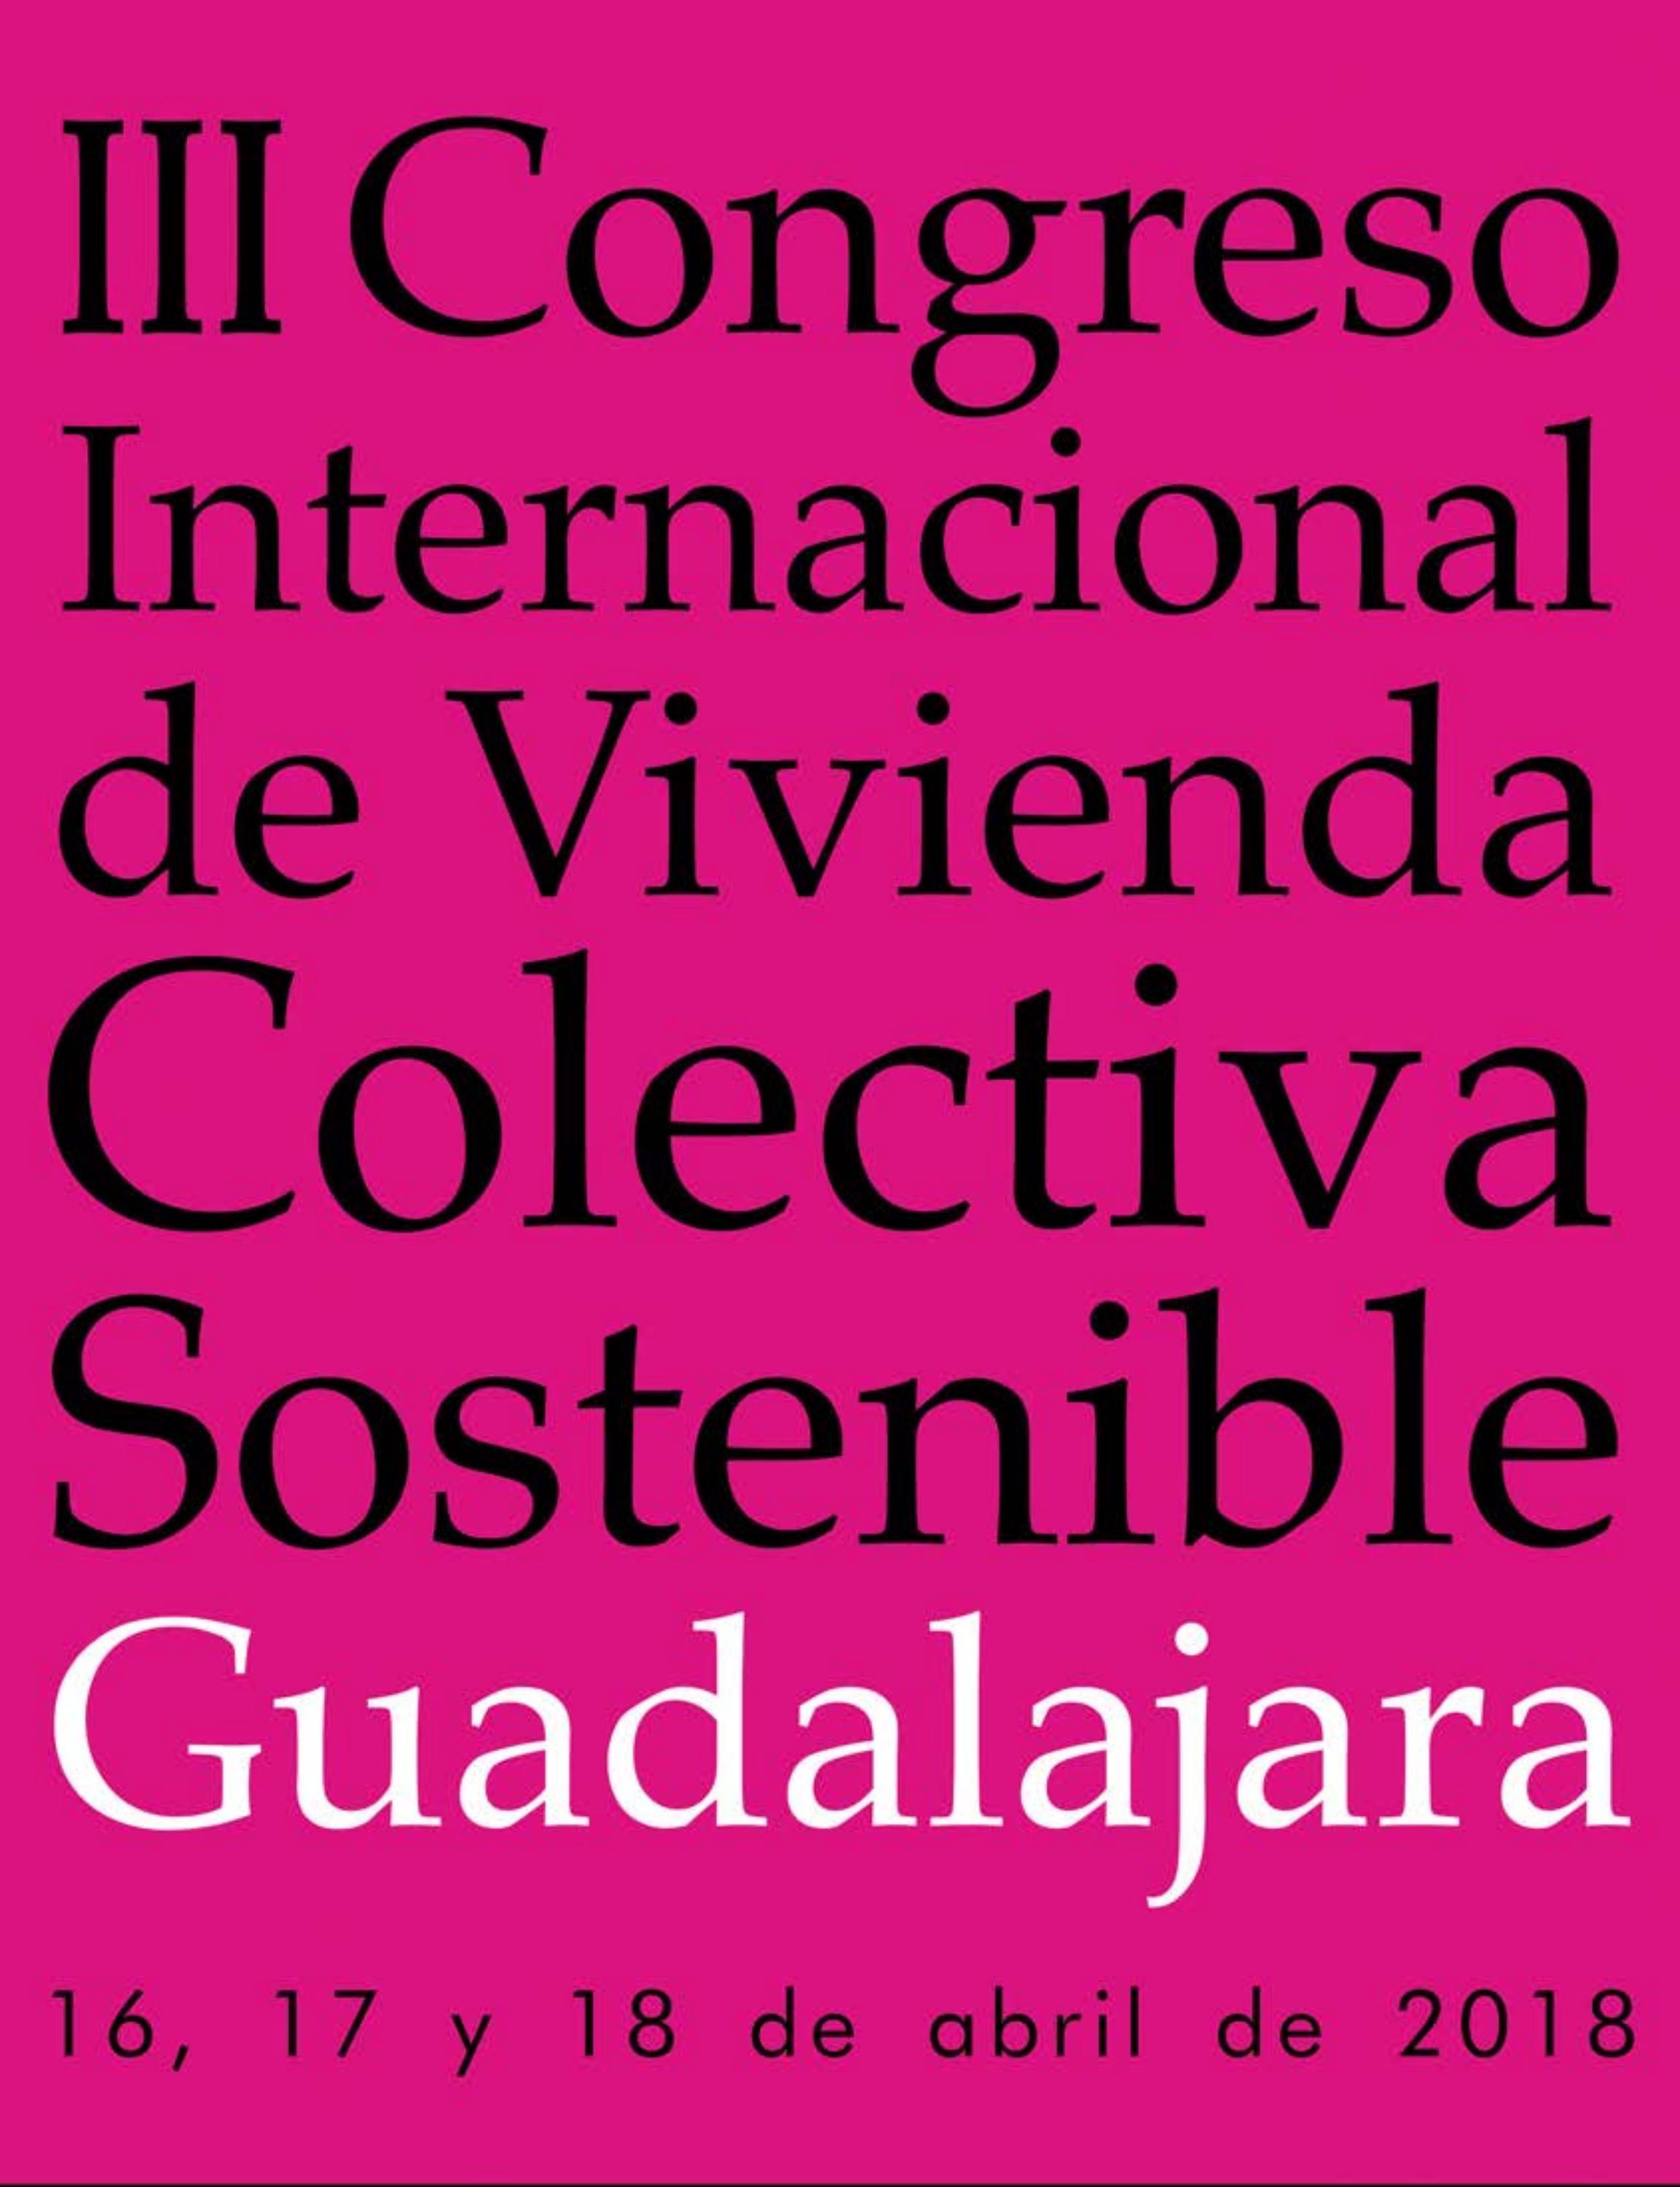 Iii Congreso Internacional De Vivienda Colectiva Sostenible